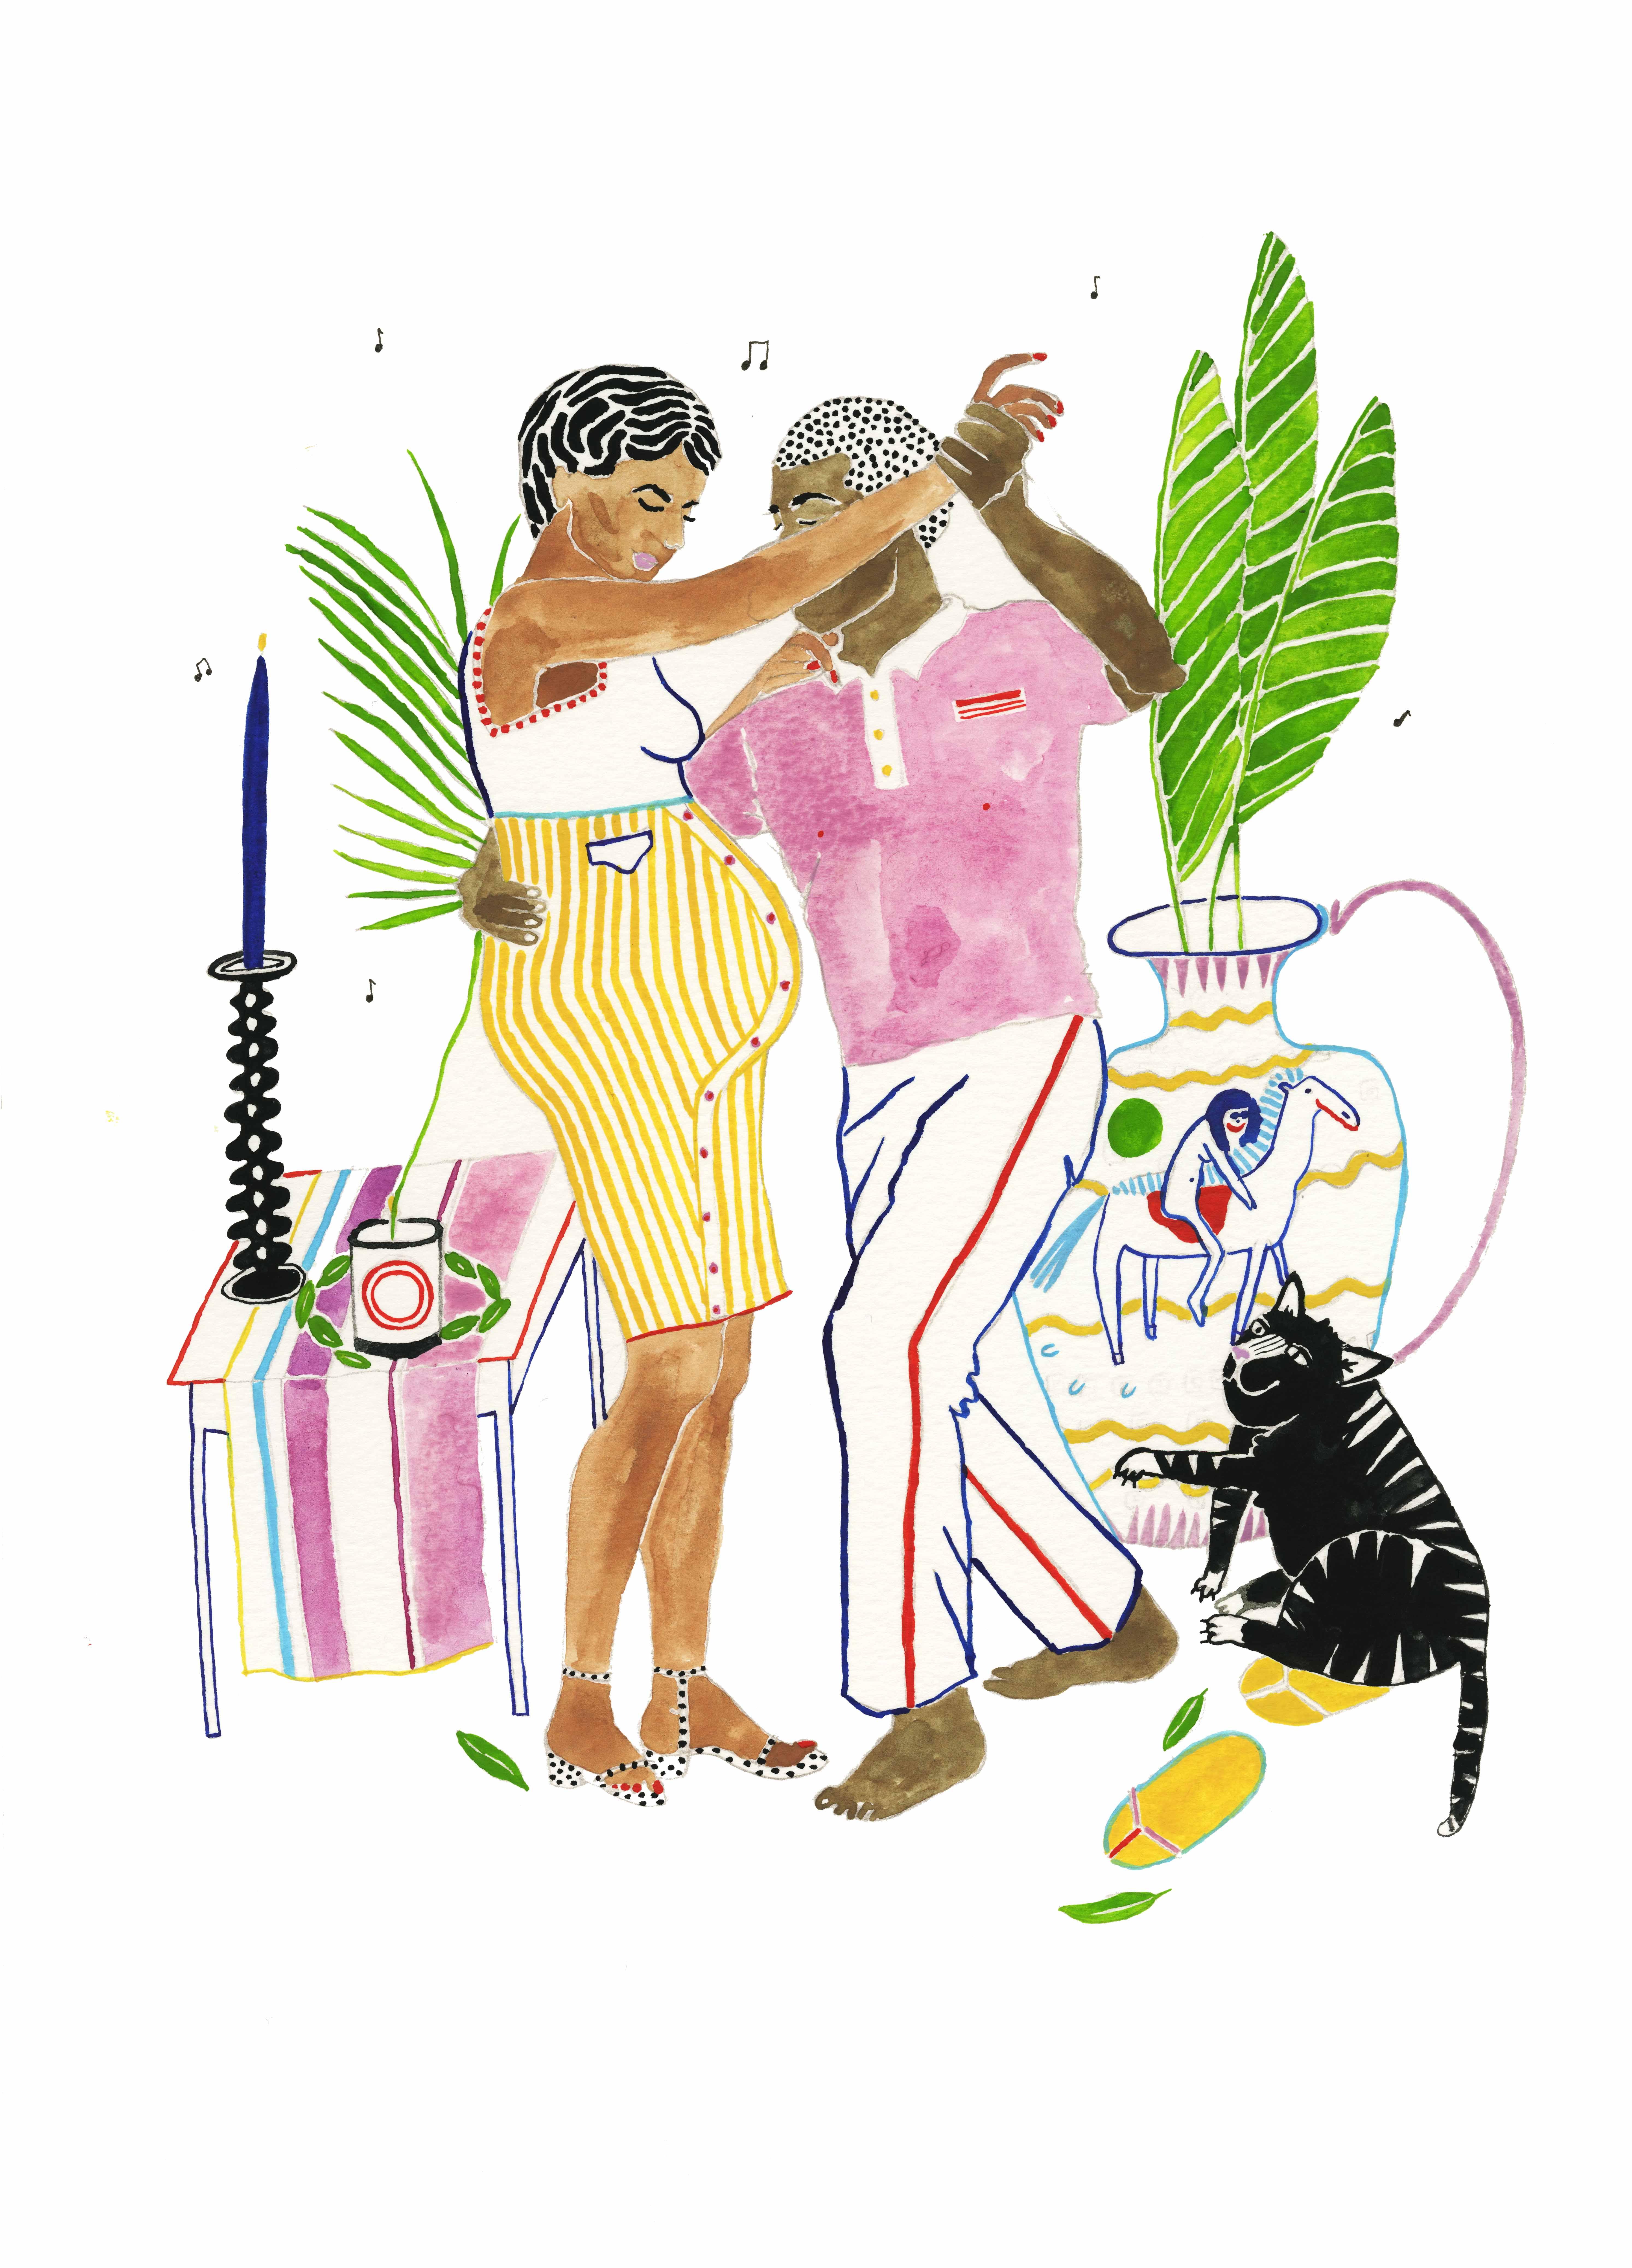 Ciao Bambino by Priscilla Weidlein